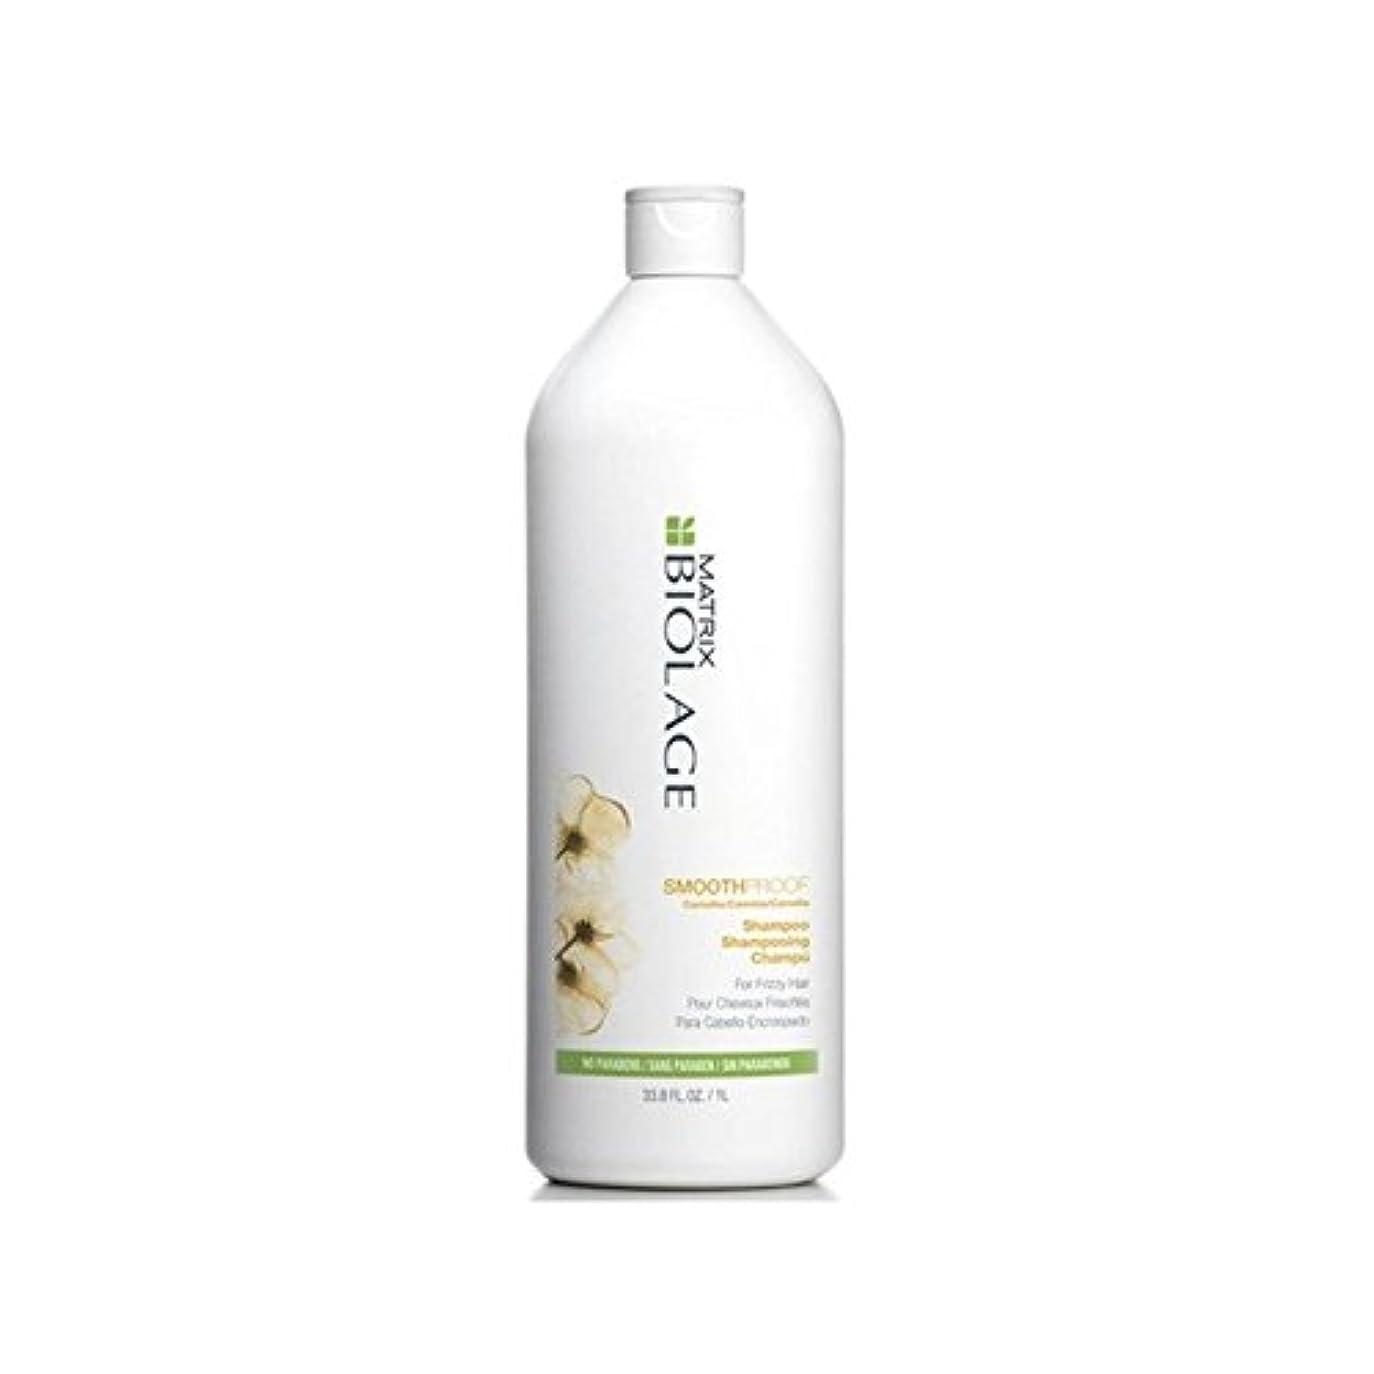 密接に高音別れるマトリックスバイオレイジのシャンプー(千ミリリットル) x4 - Matrix Biolage Smoothproof Shampoo (1000ml) (Pack of 4) [並行輸入品]